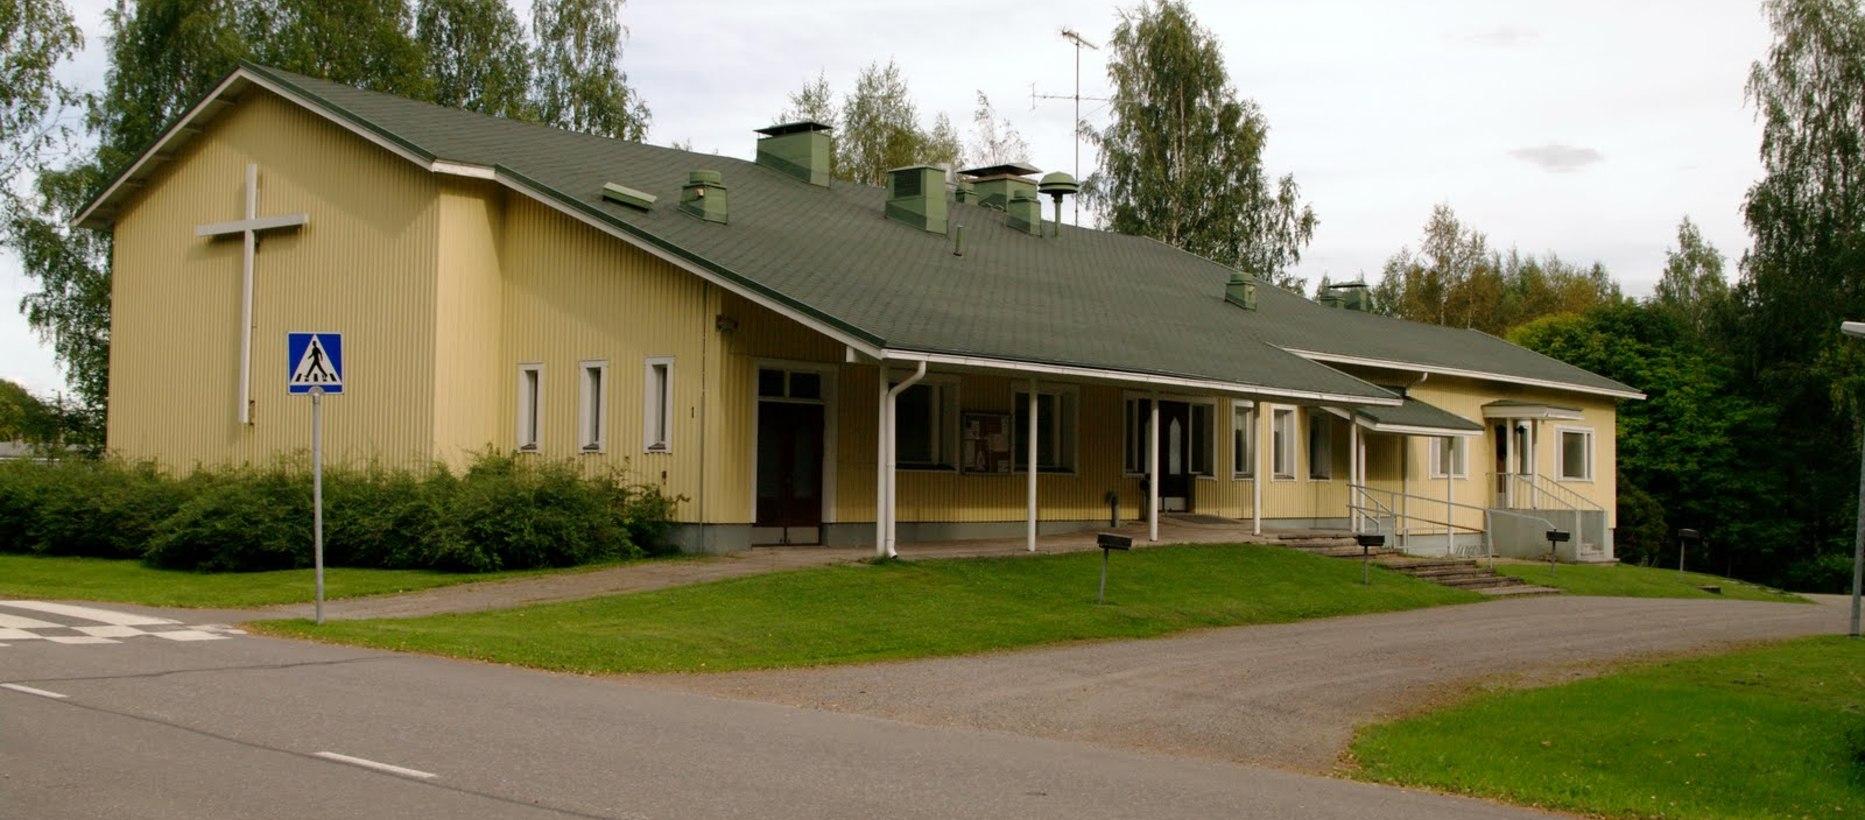 Könönpellon seurakuntatalo